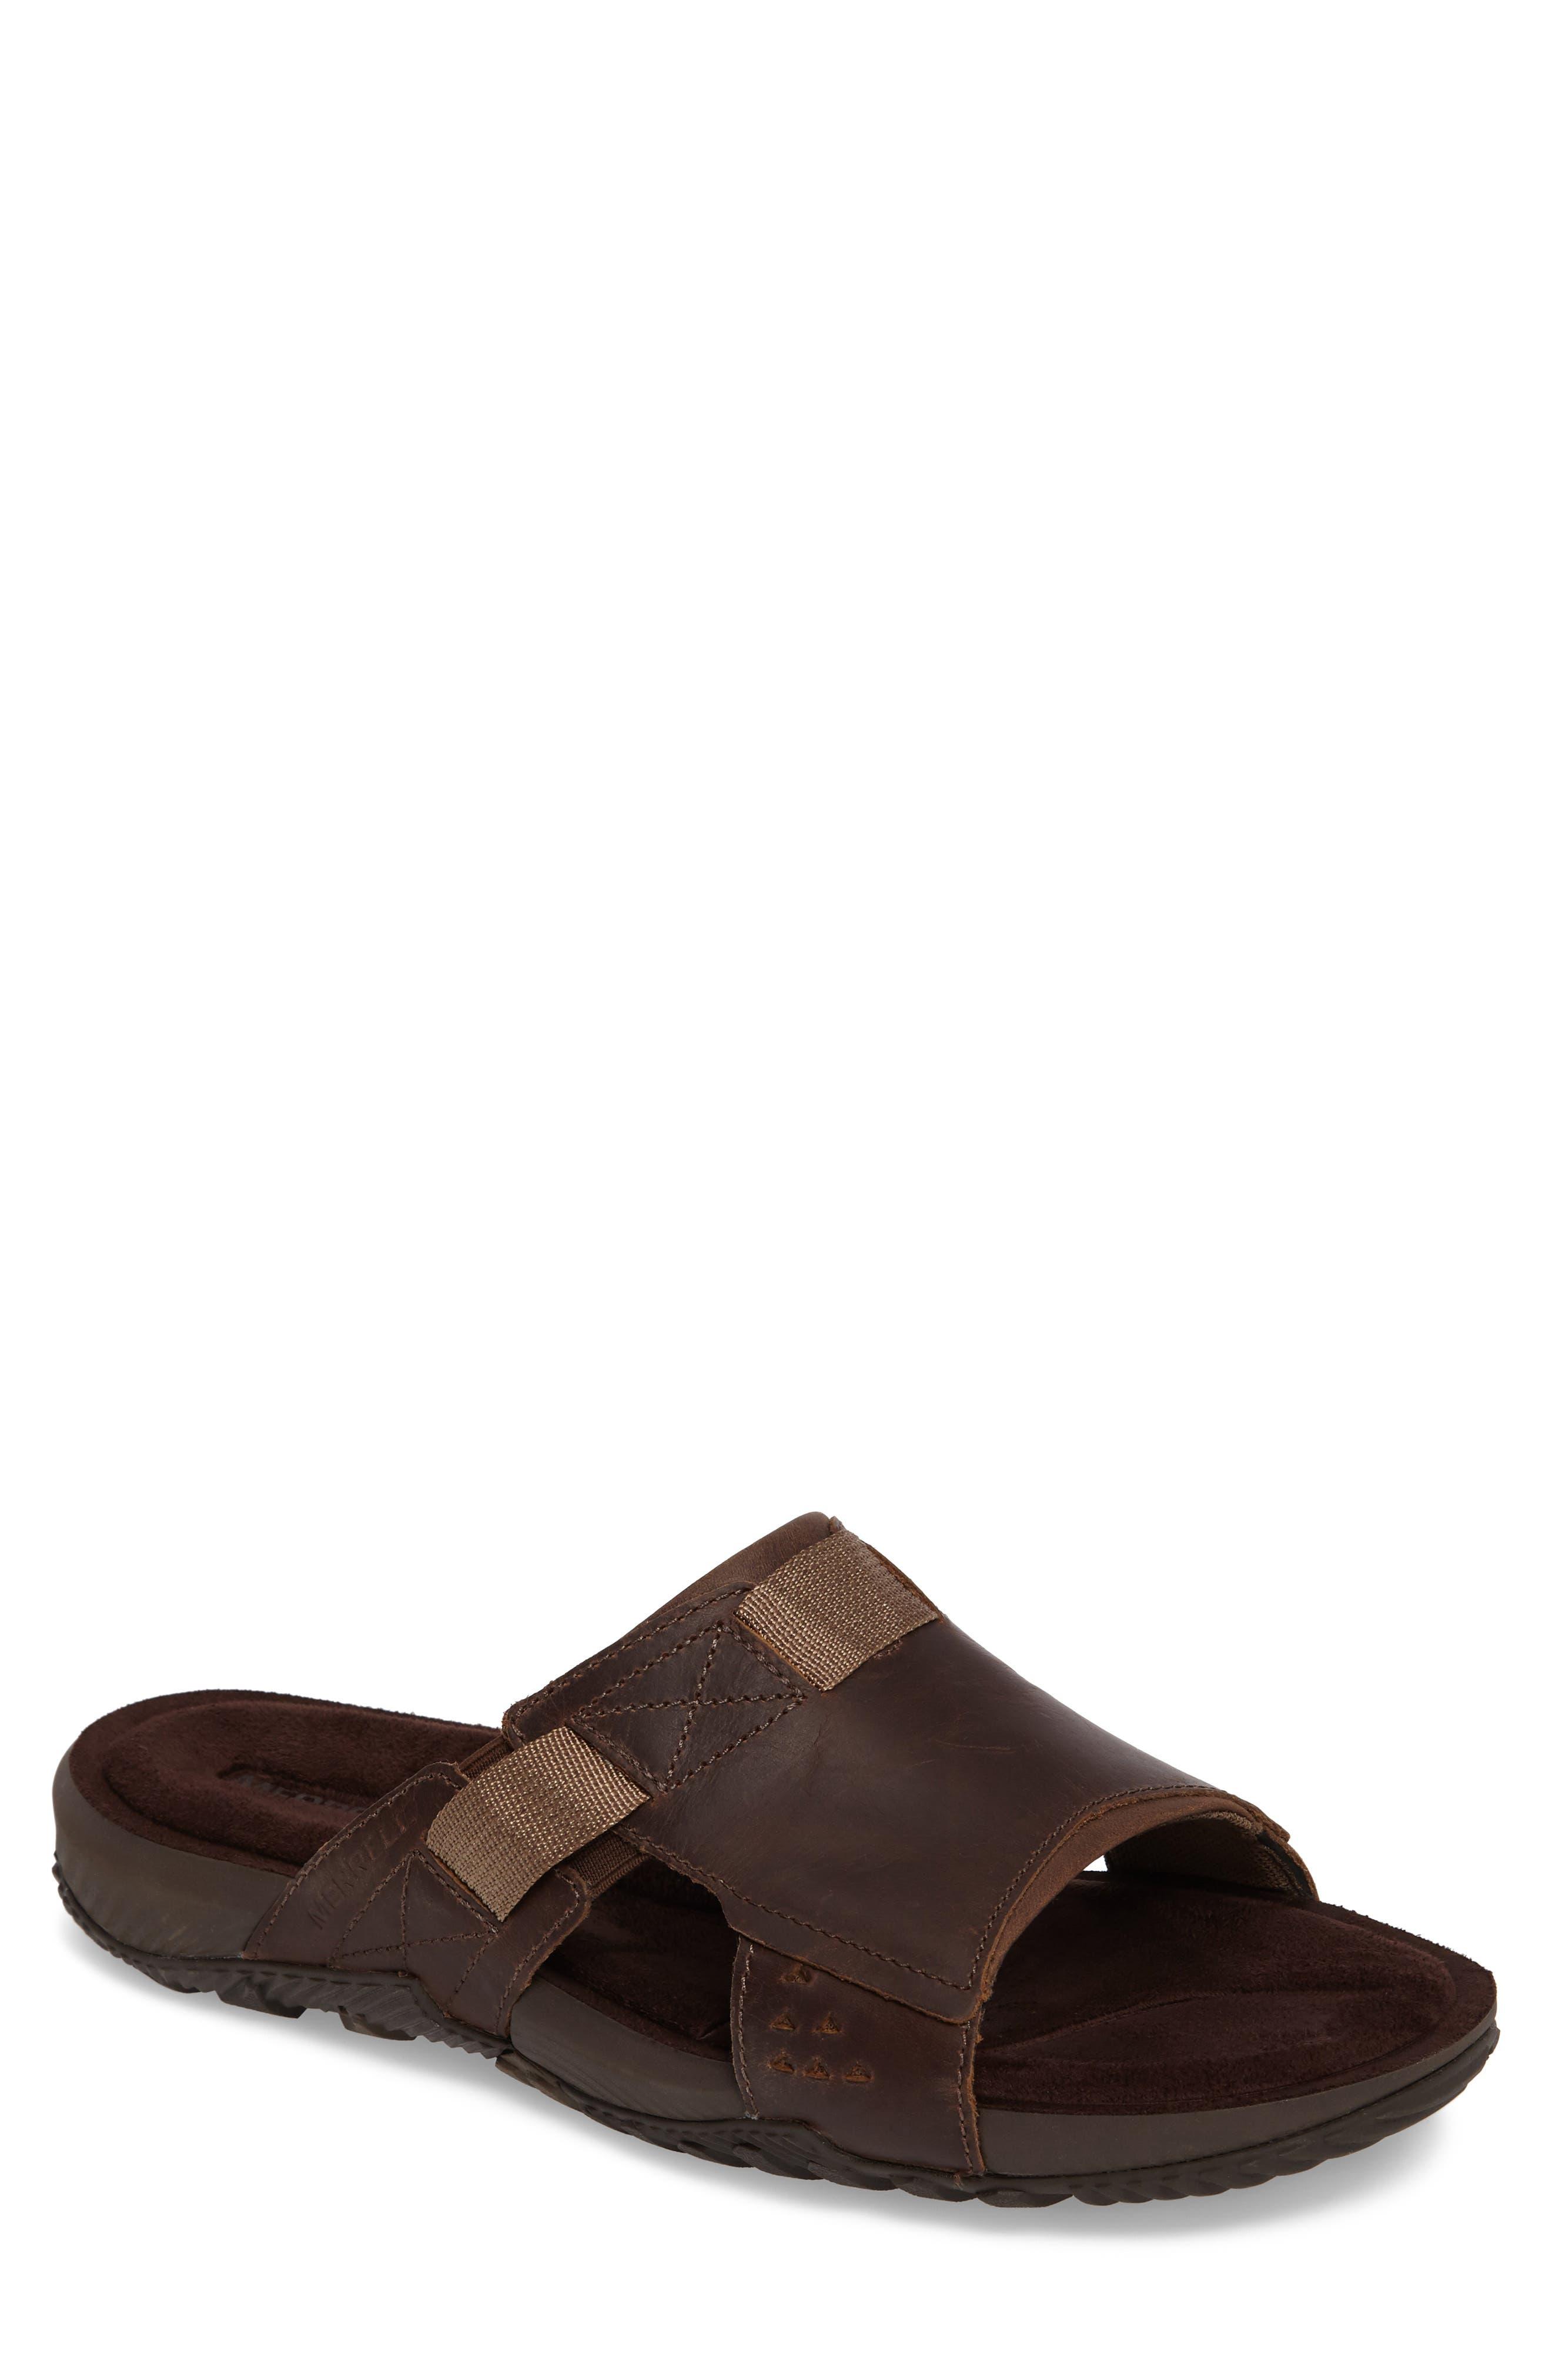 Terrant Slide Sandal,                         Main,                         color, 201